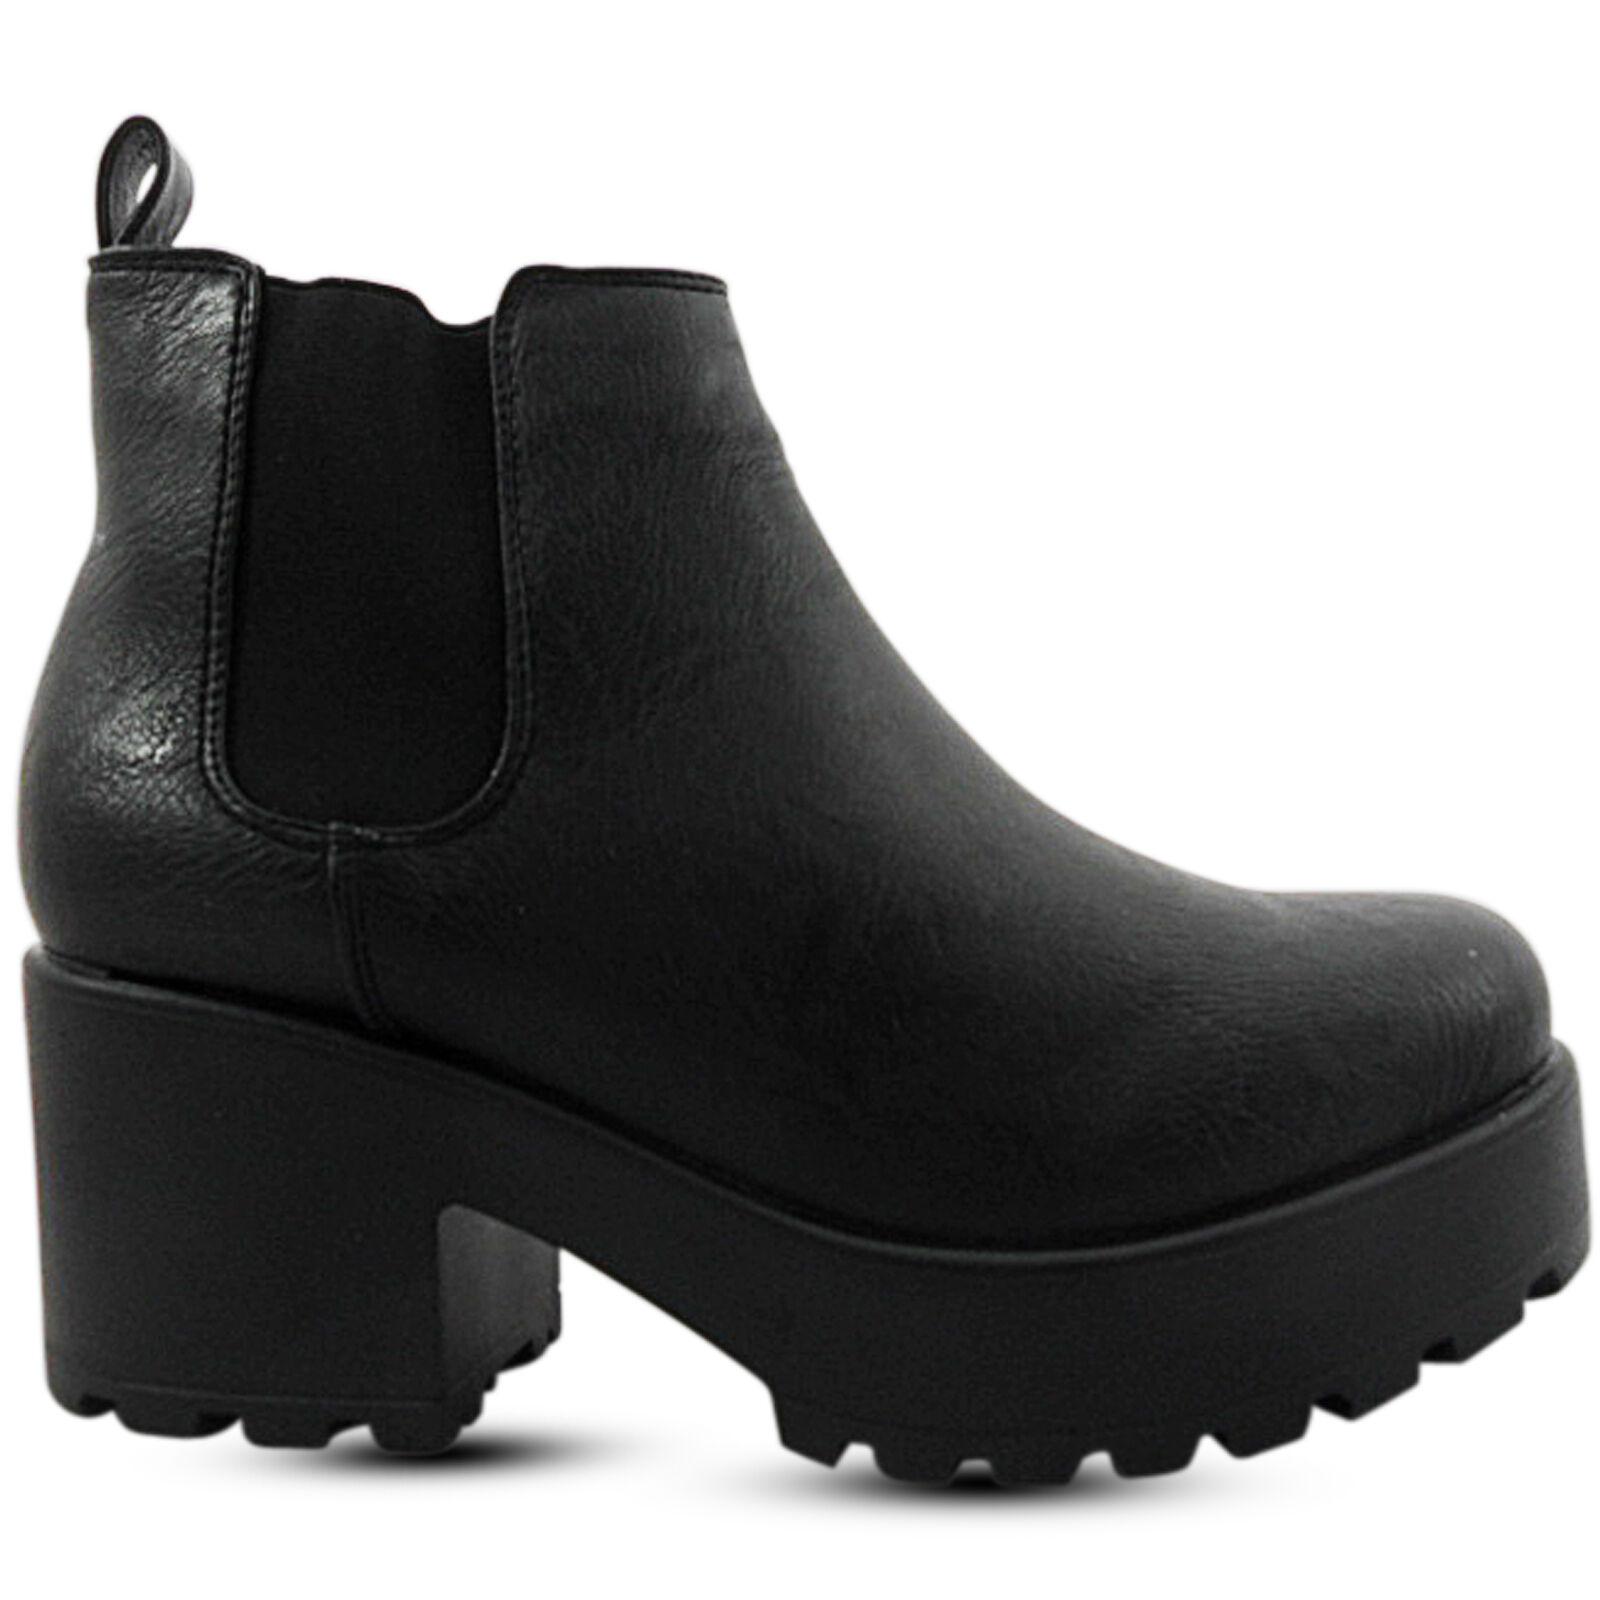 Grandes zapatos con descuento Mujer Tacón Medio Bajo gruesa con tacos Plataforma Botines Chelsea Talla